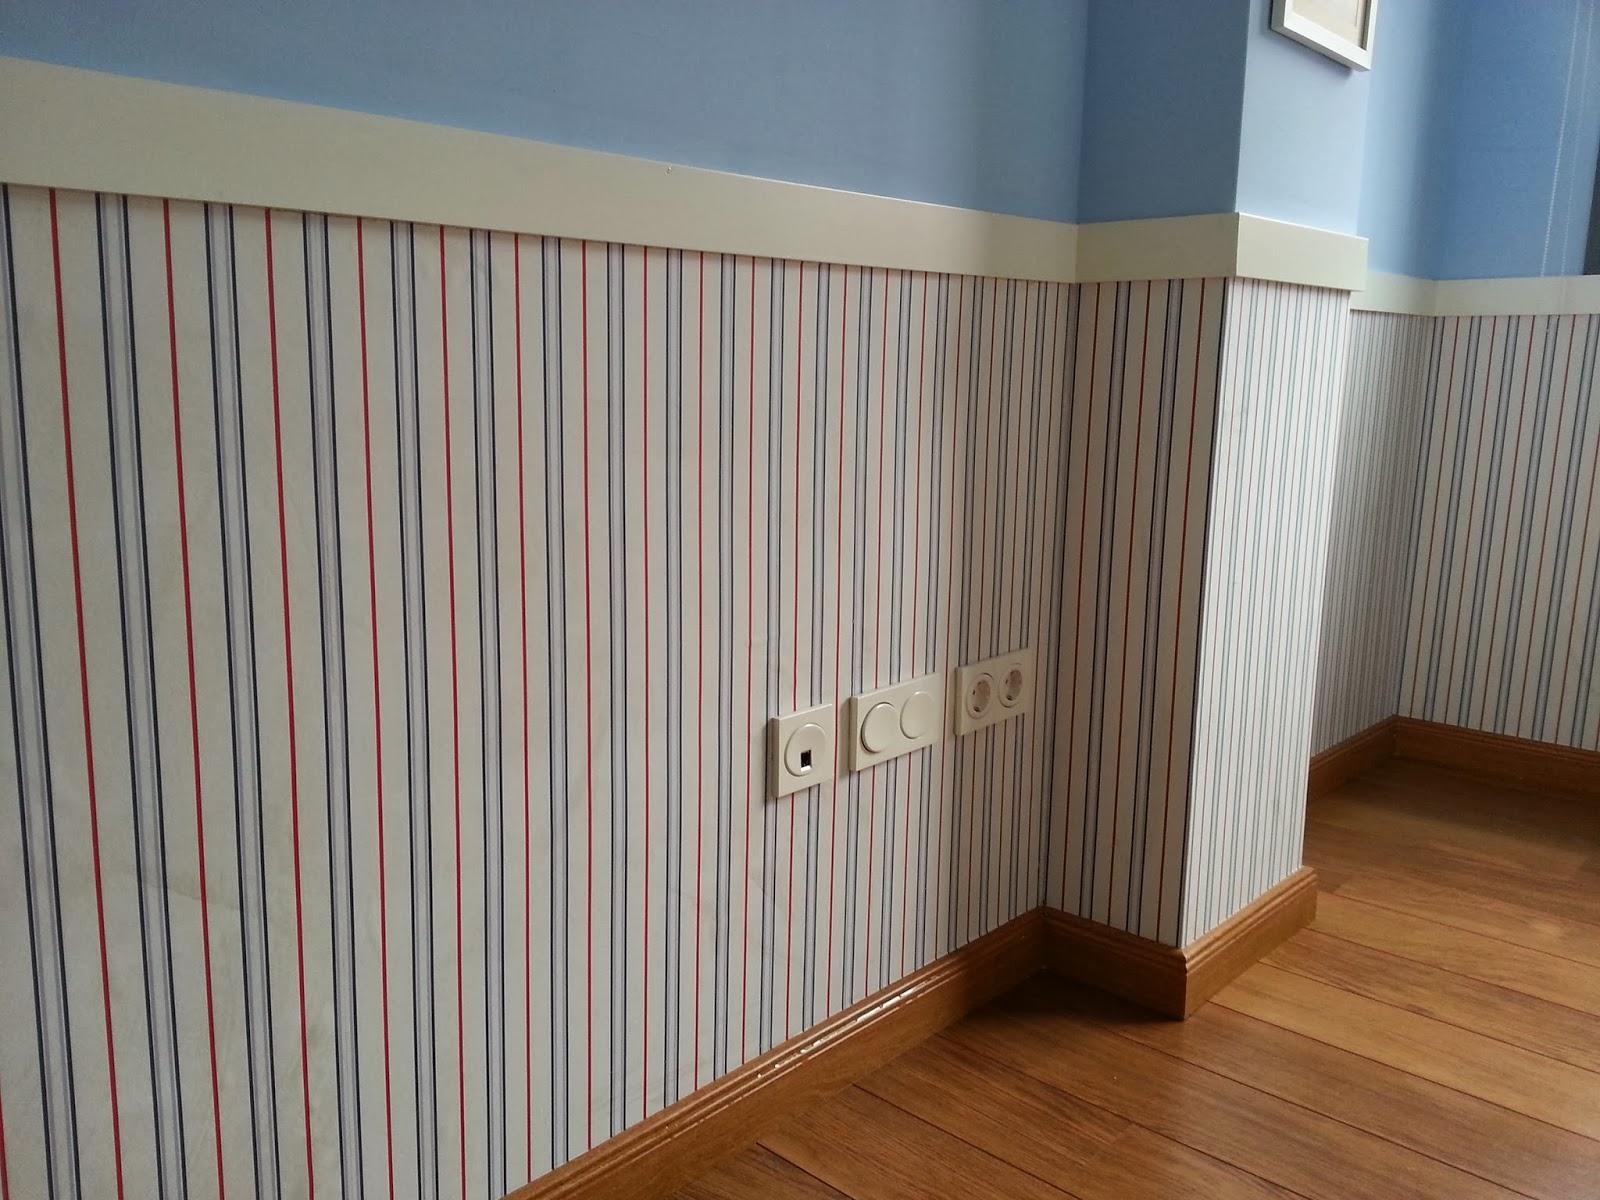 Papeles pintados y decoraciones en general para j venes y - Papeles pintados para pasillos ...